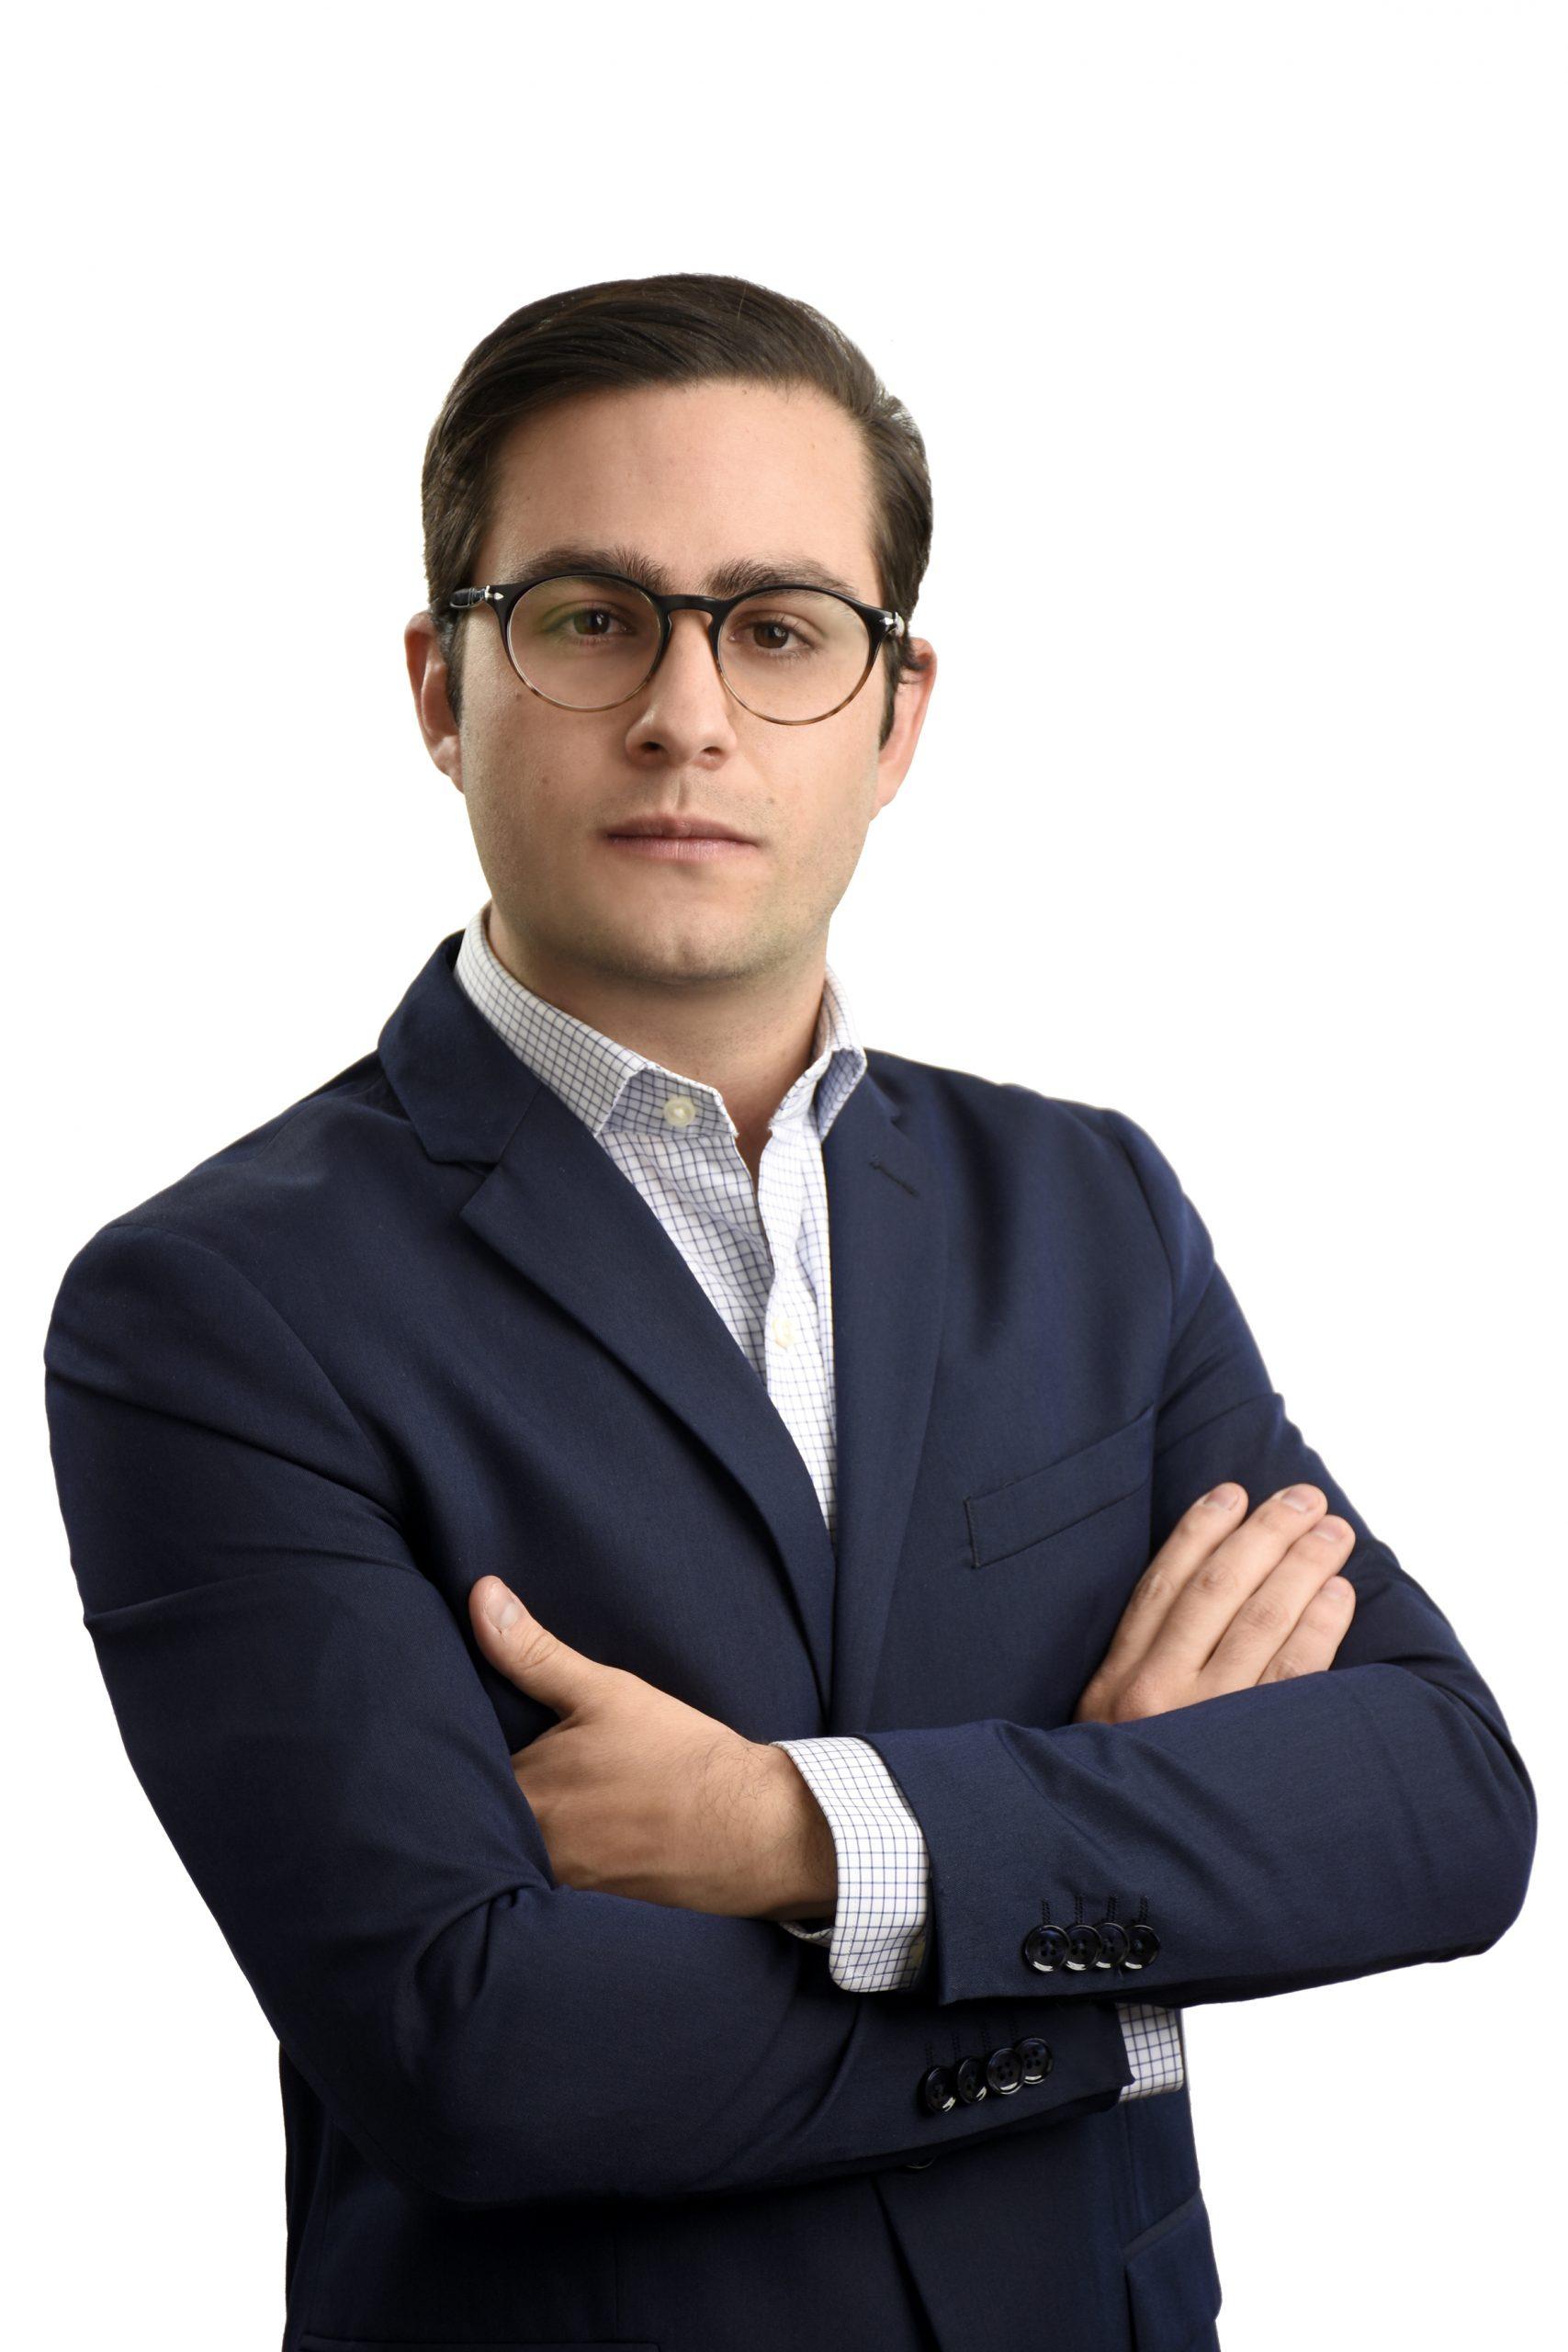 Emilio Echeverry Grand